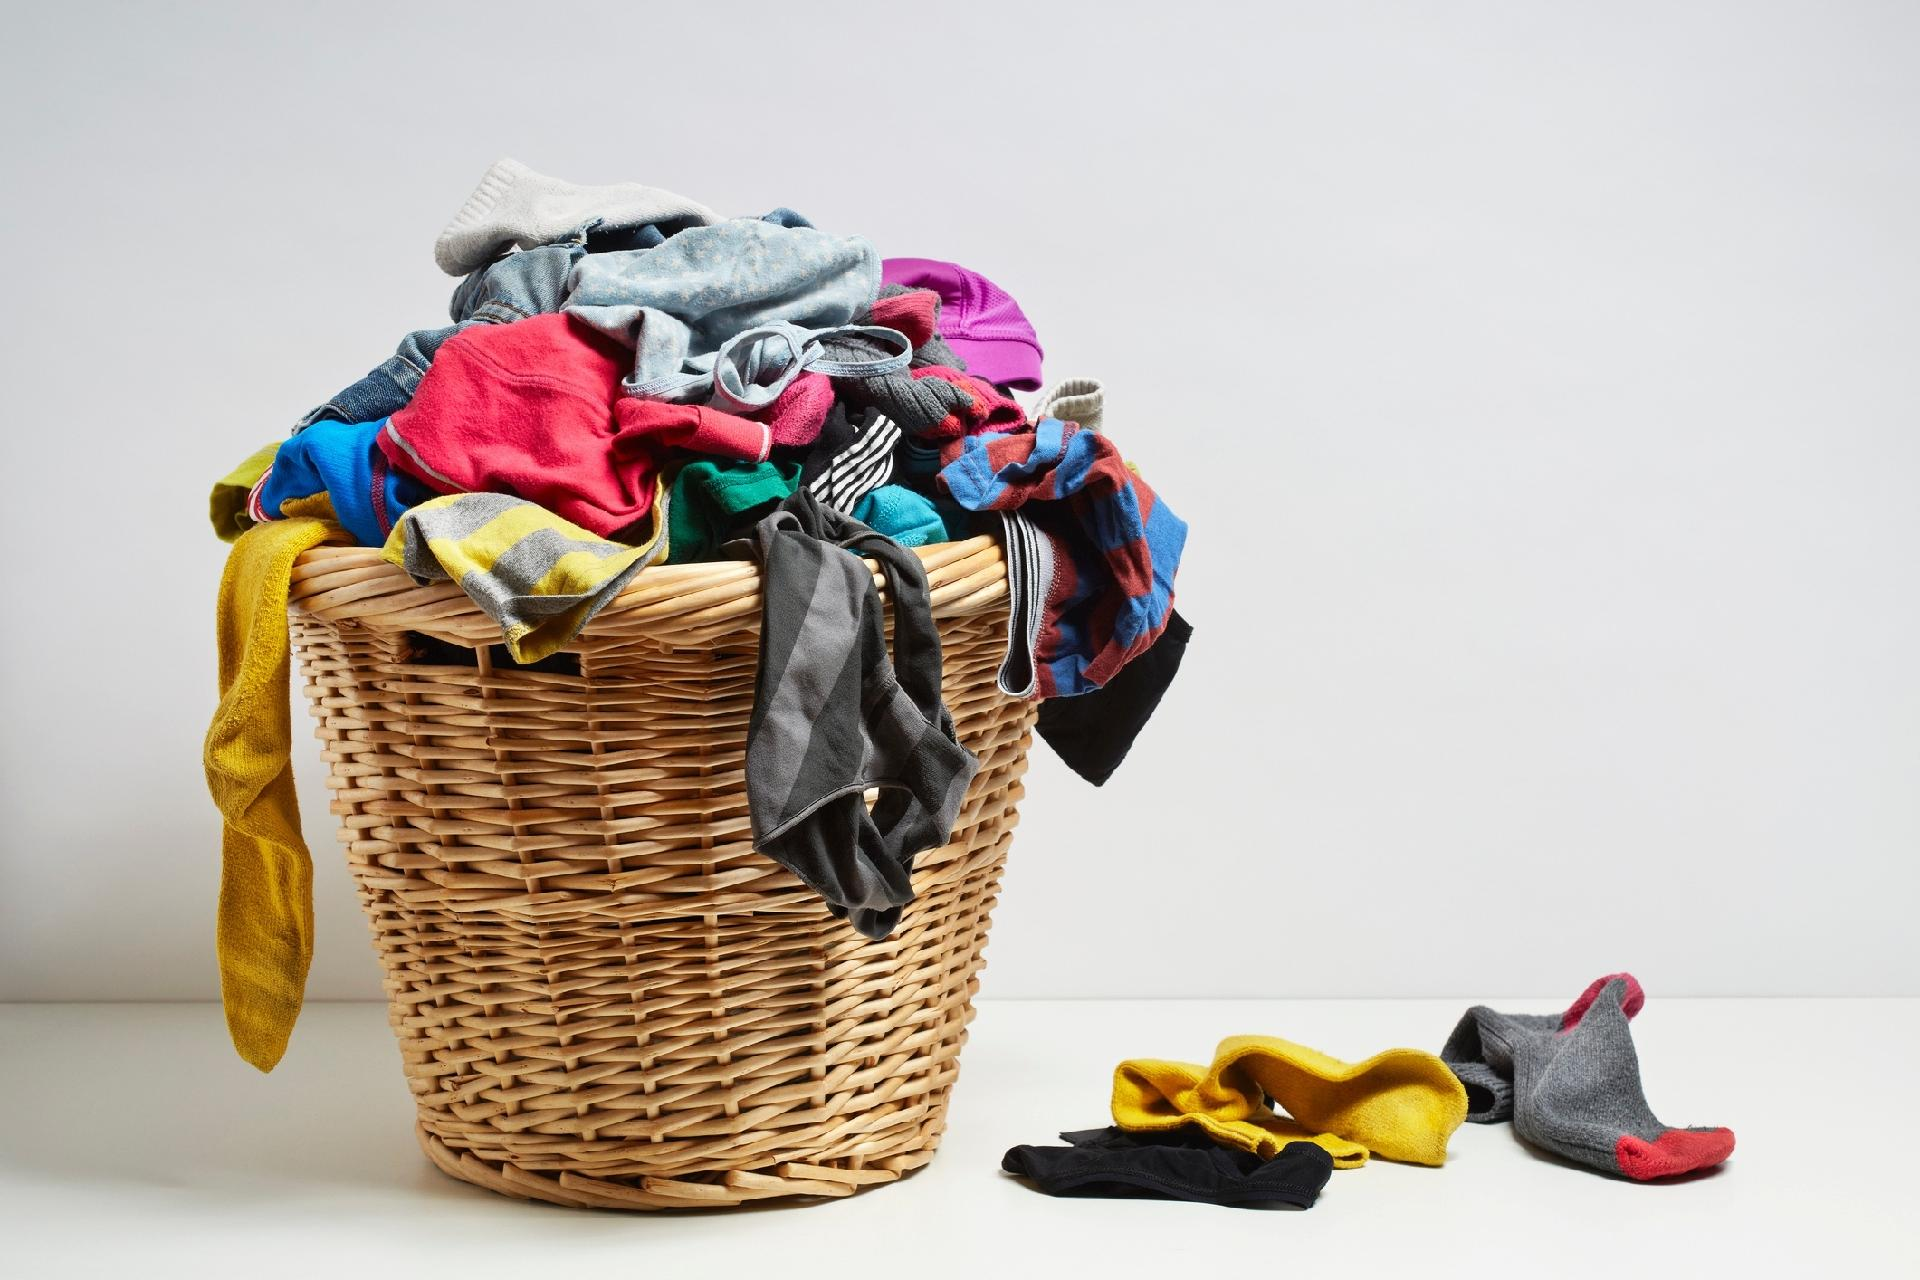 Como ganhar dinheiro com limpeza de roupas íntimas - Novidade